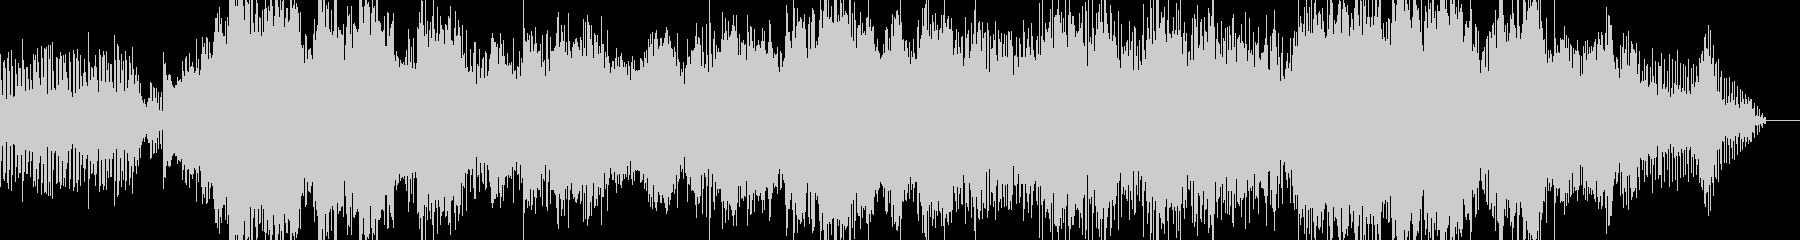 エスニックアンビエントー土の未再生の波形